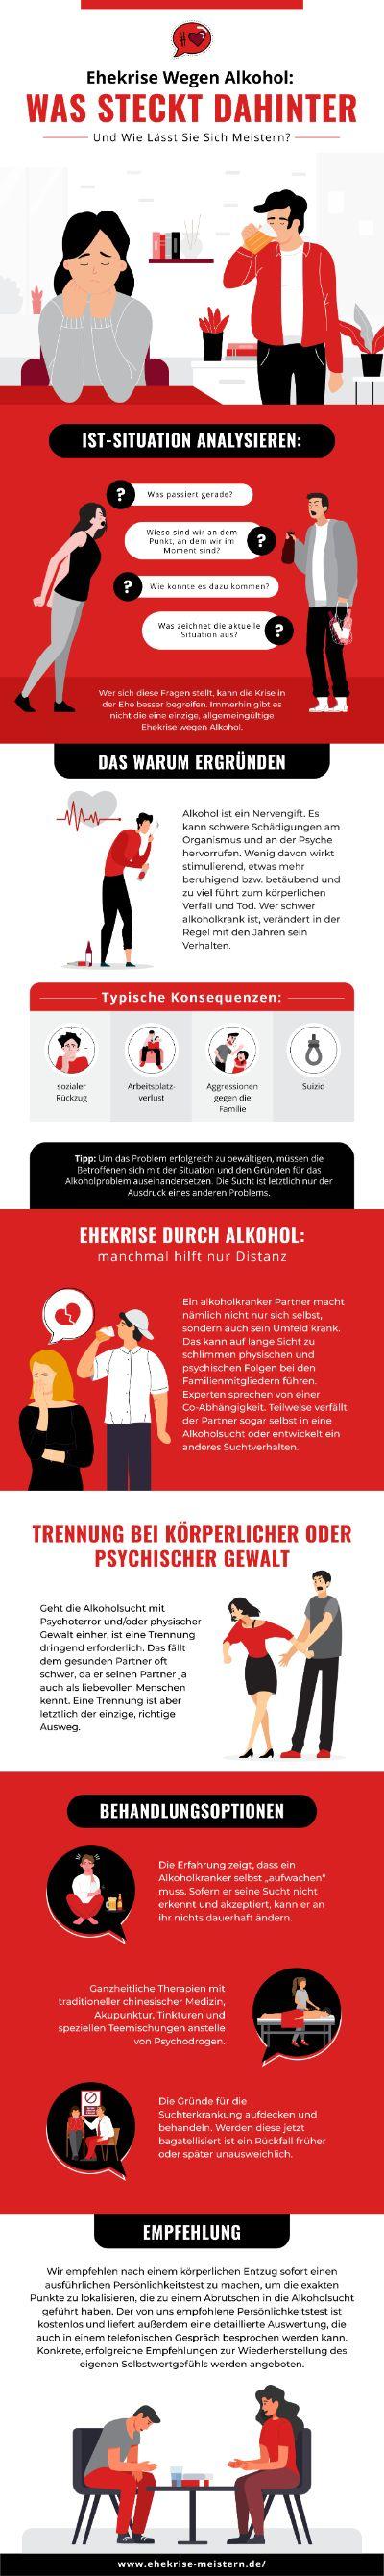 Infografik Ehekrise Wegen Alkohol: Was Steckt Dahinter Und Wie Lässt Sie Sich Meistern?